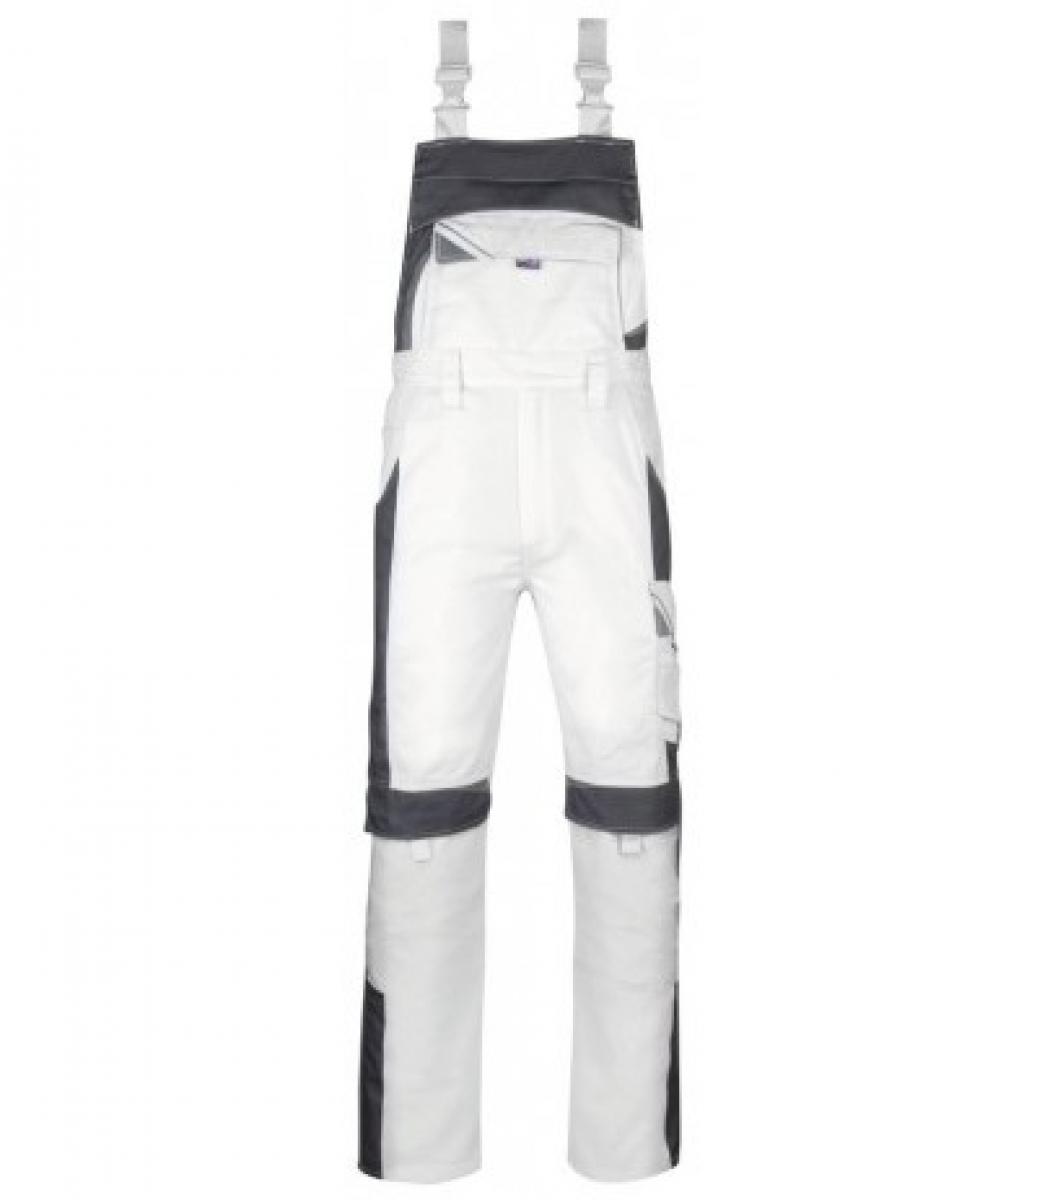 PKA Arbeits-Berufs-Latz-Hose Bestwork, MG260, weiß/grau